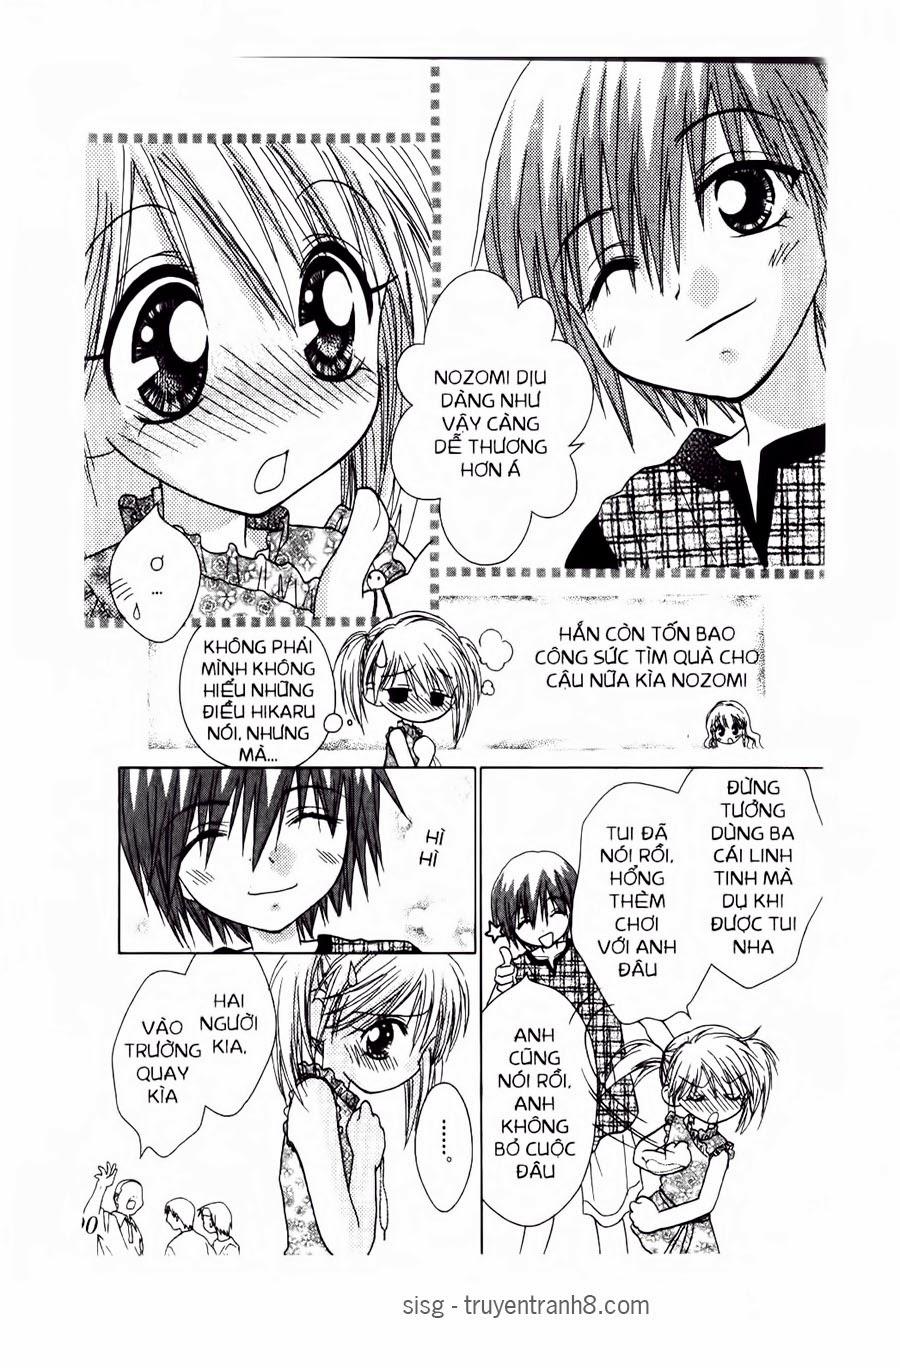 Chắp Cánh ước Mơ chap 67 - Trang 12